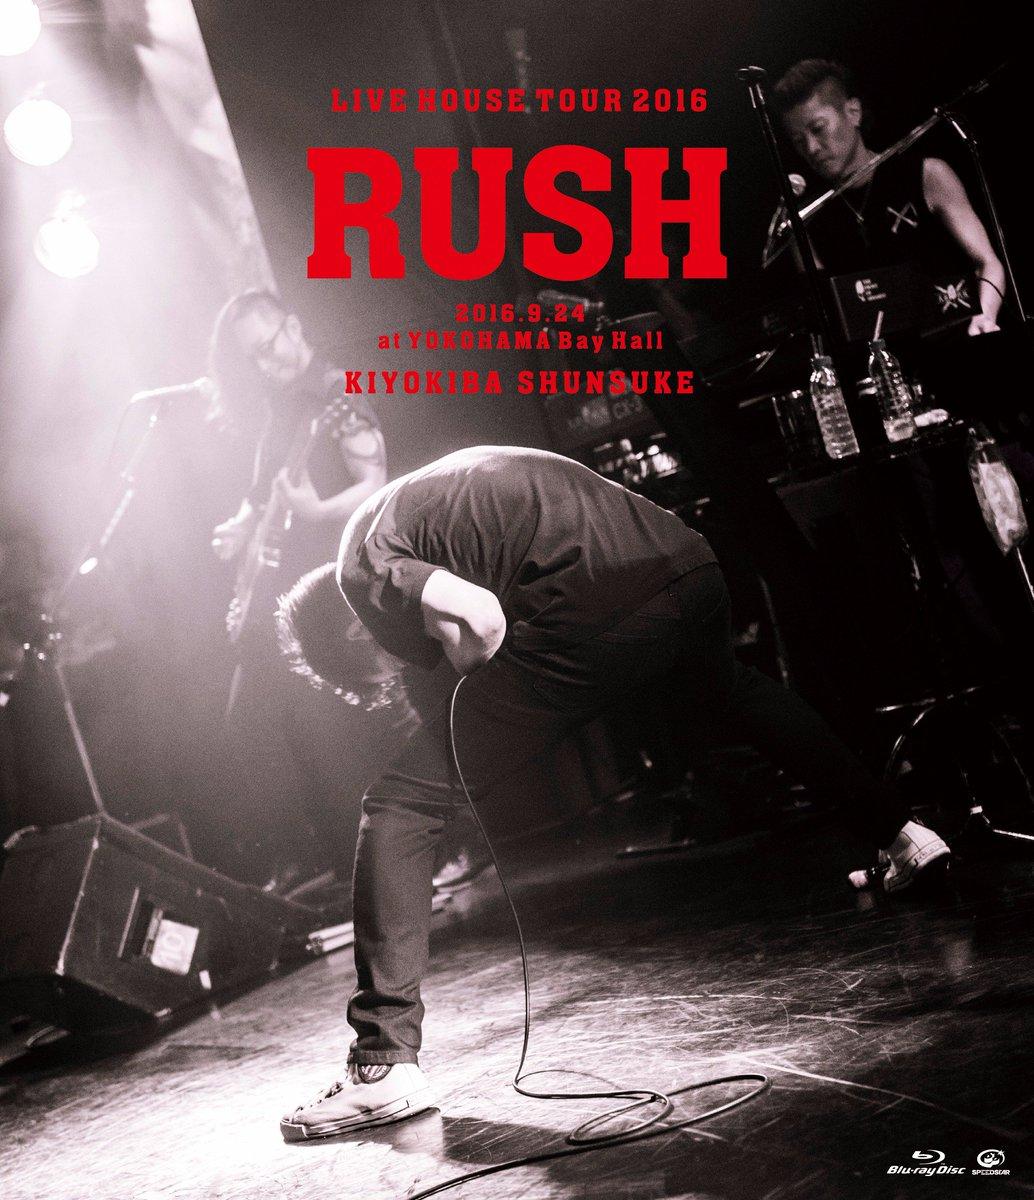 2/8発売となる #清木場俊介『LIVE HOUSE TOUR「RUSH」』の映像作品トレーラー公開…